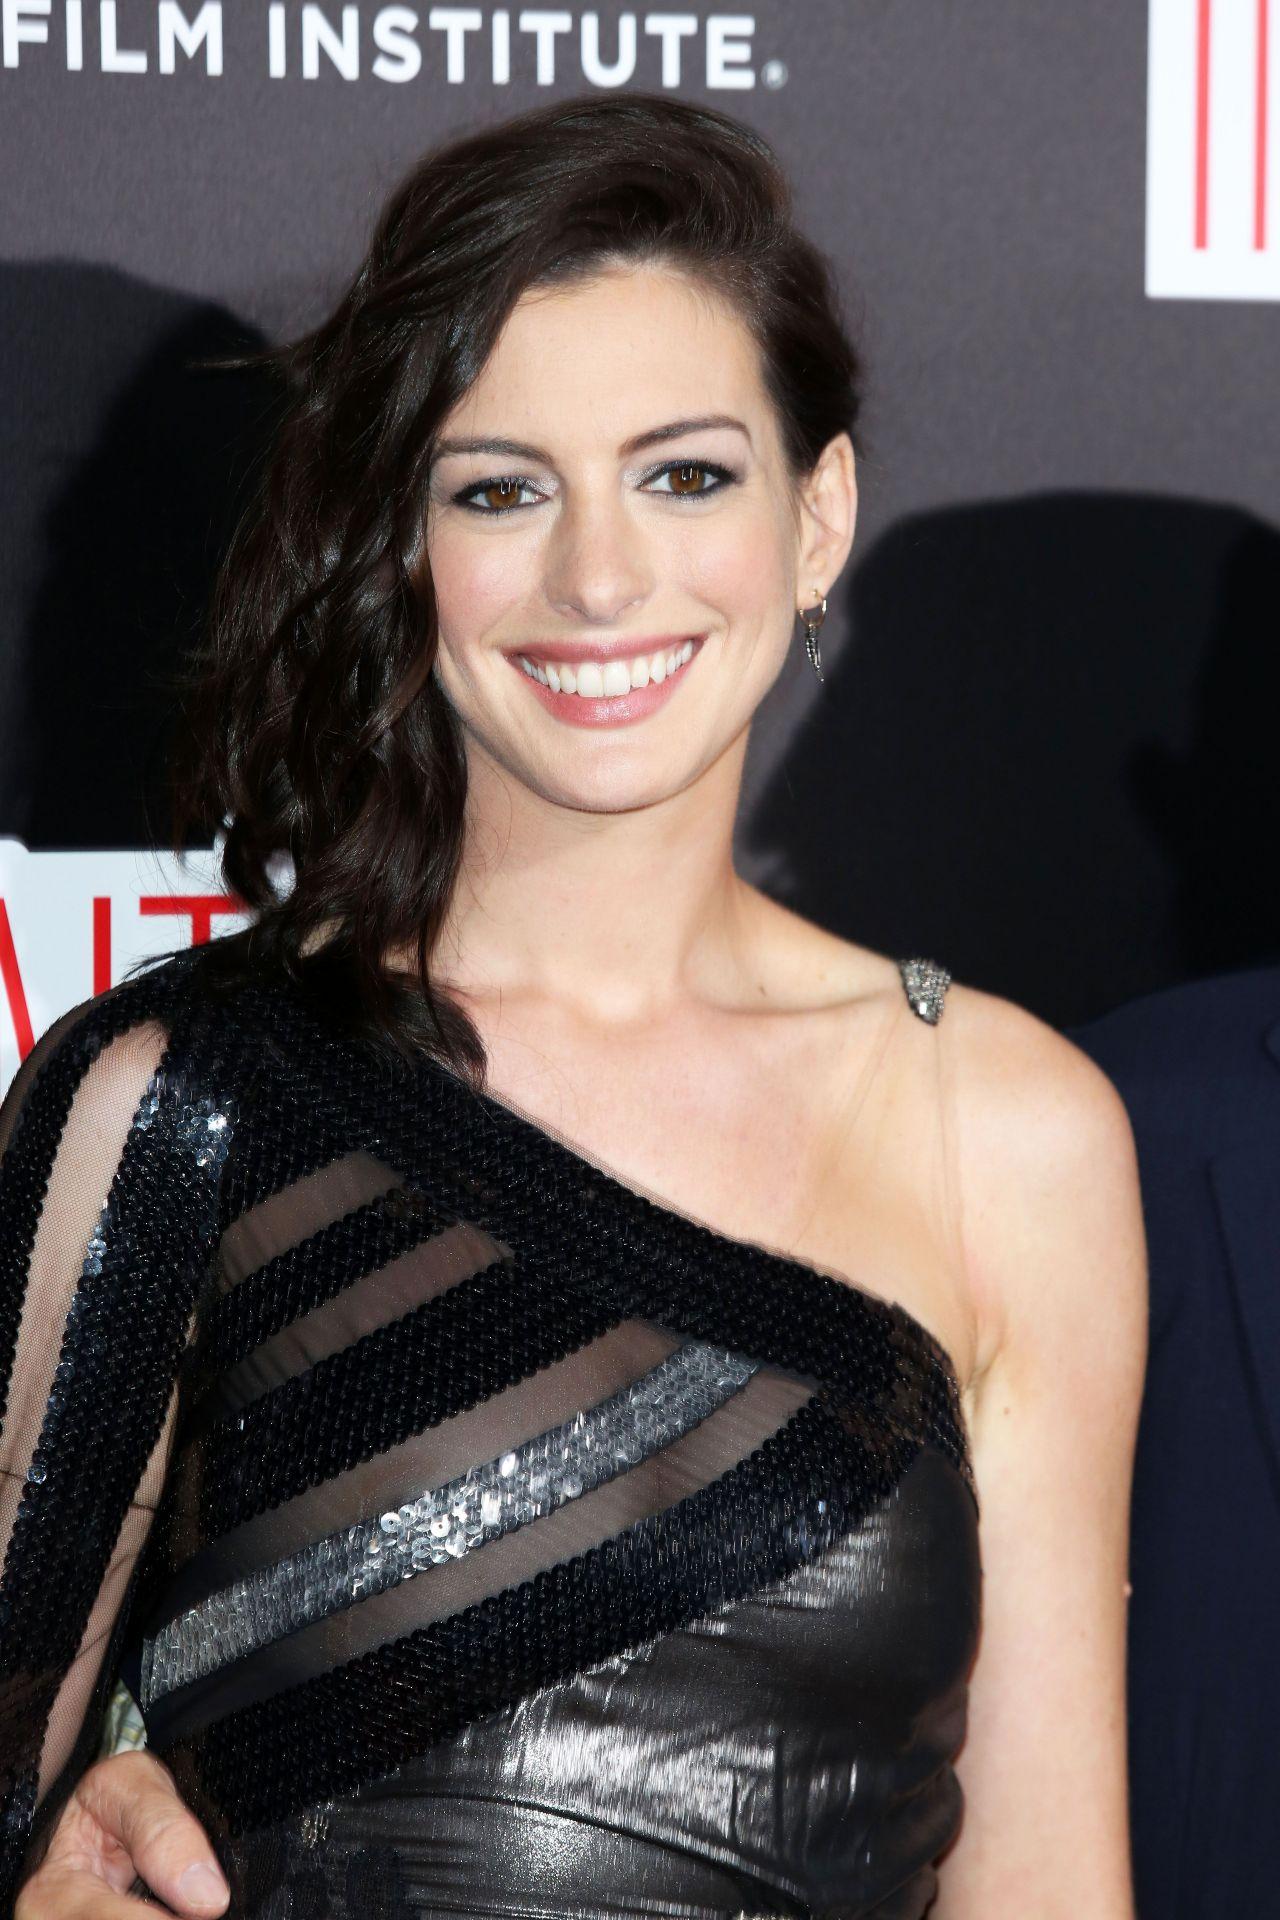 Anne Hathaway - 'The Intern' Premiere at Ziegfeld Theater ... Anne Hathaway